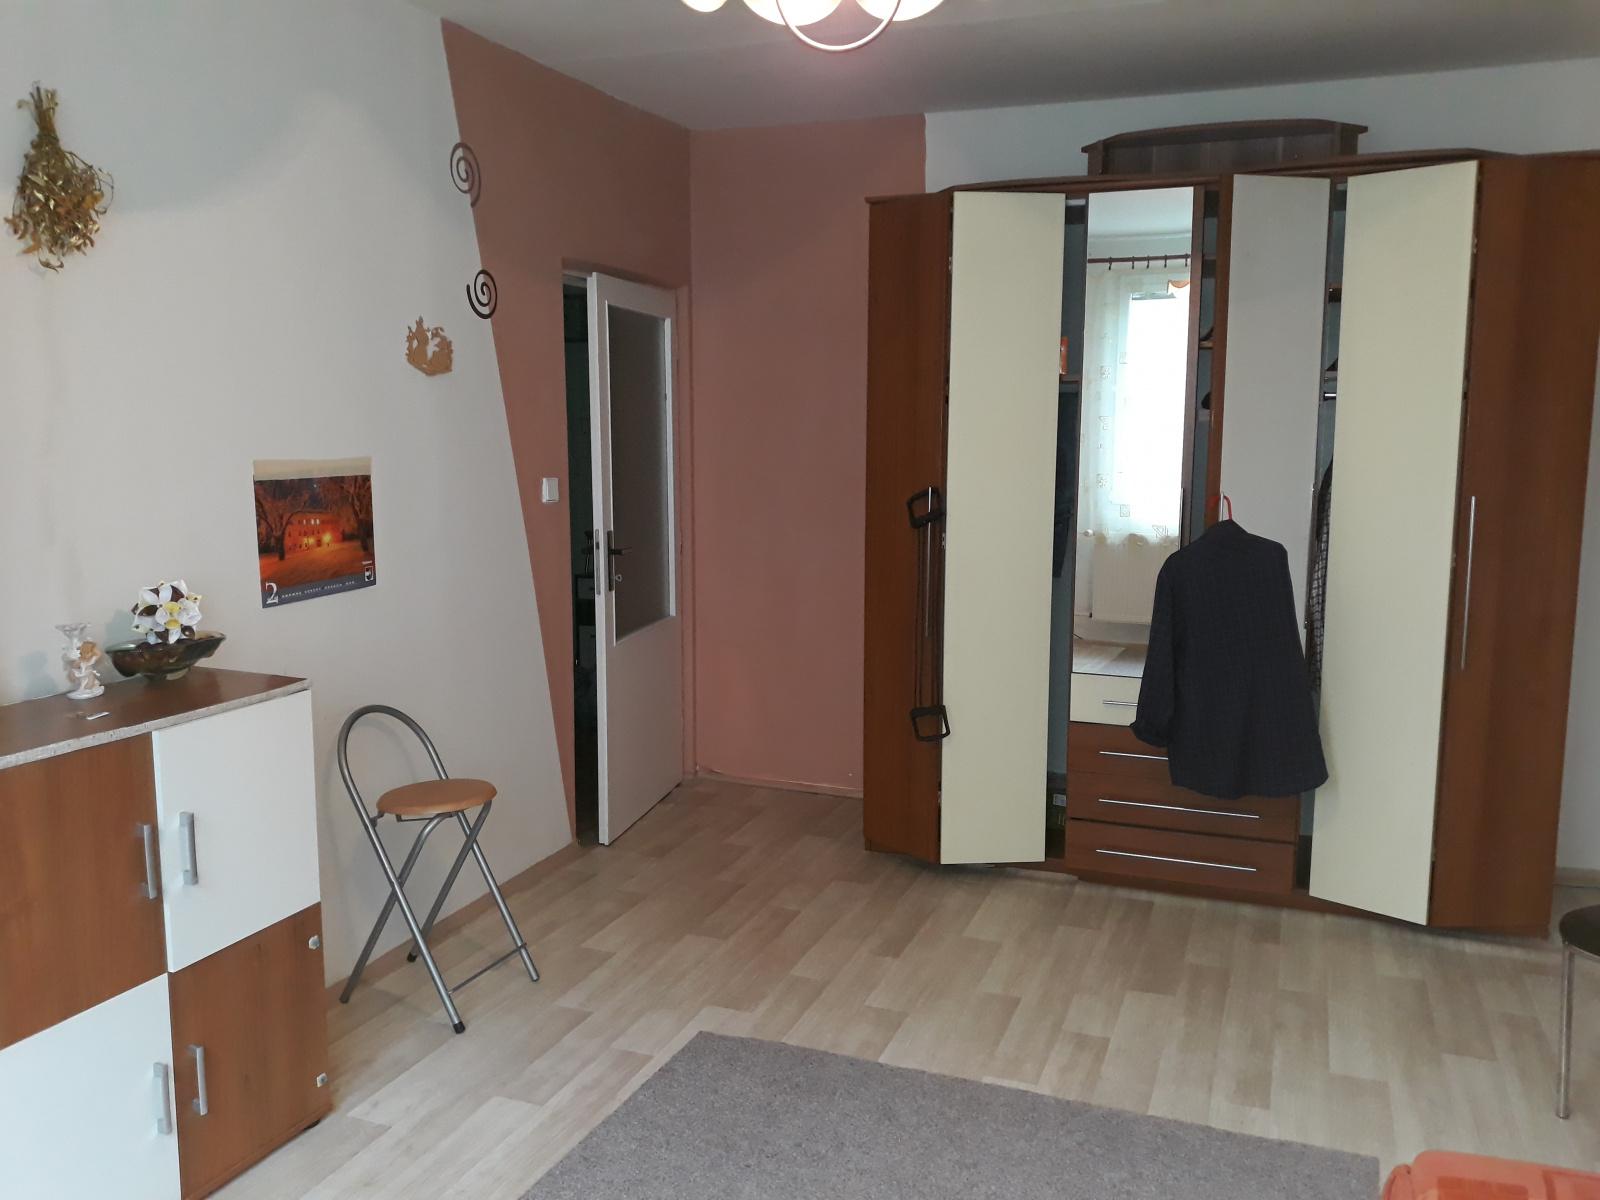 Prodej byt, 1+1, ul. Luční, Třemošná, okres PS